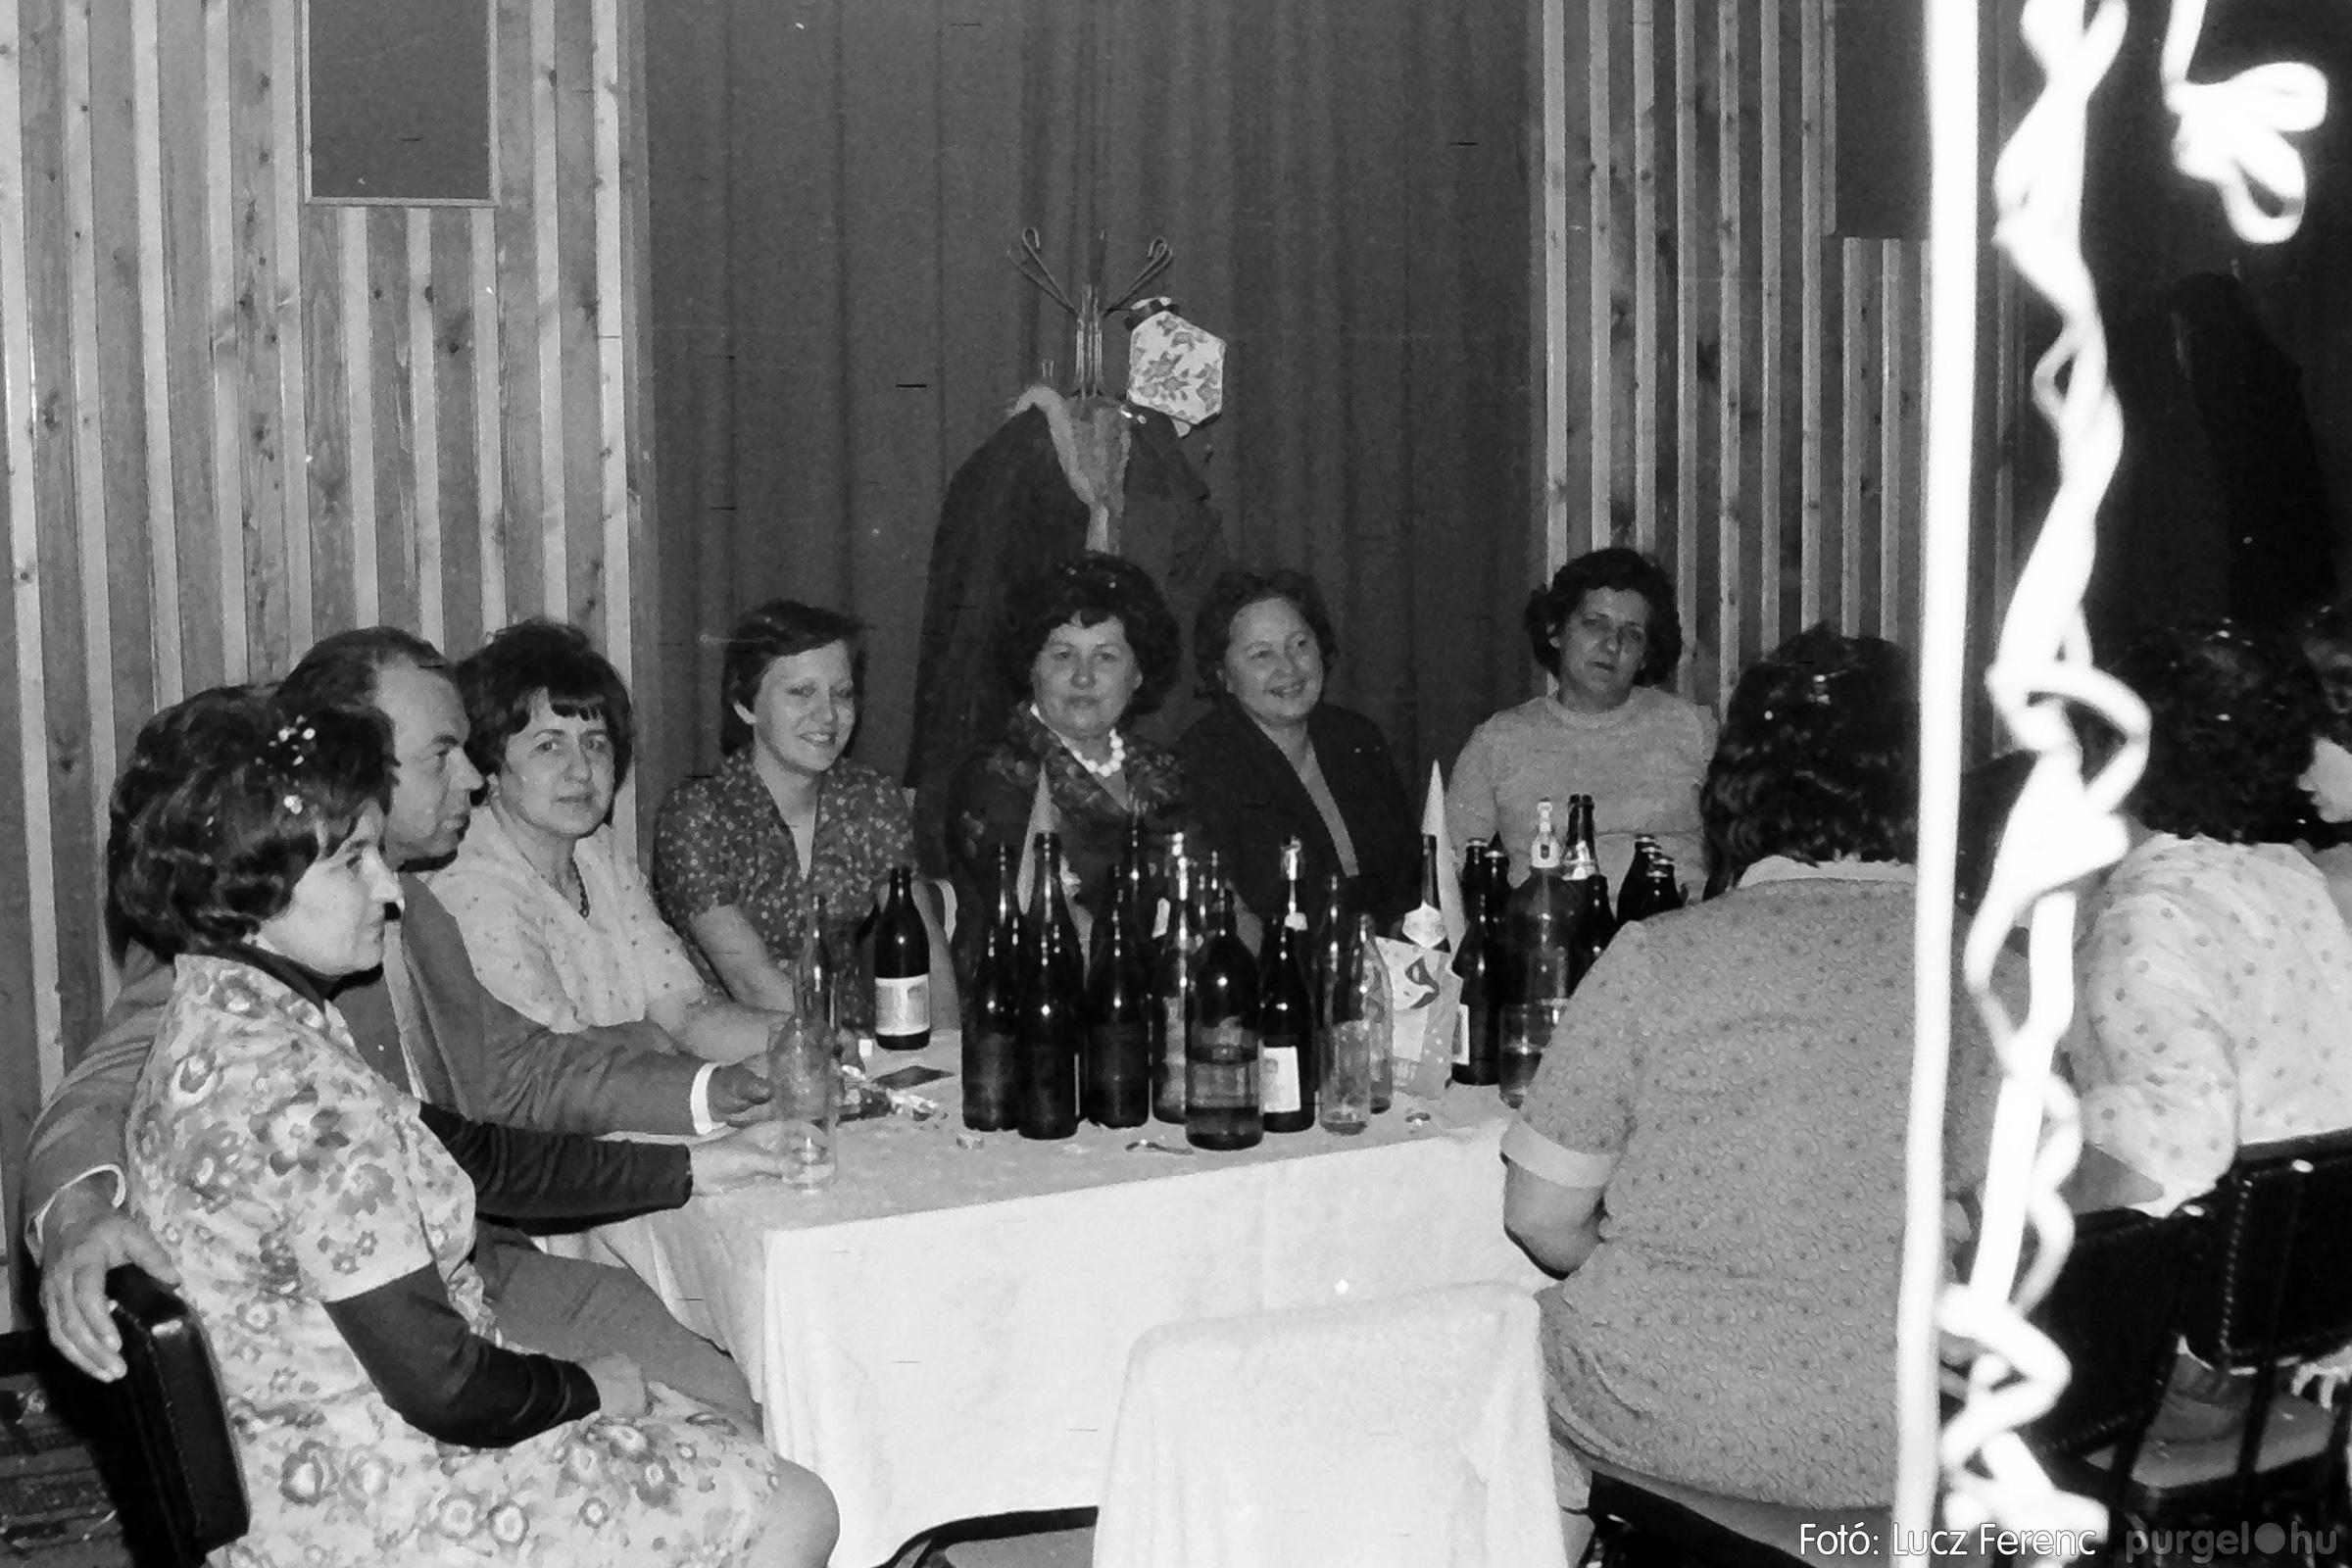 070. 1976.12.31. Szilveszter a kultúrházban 017. - Fotó: Lucz Ferenc.jpg